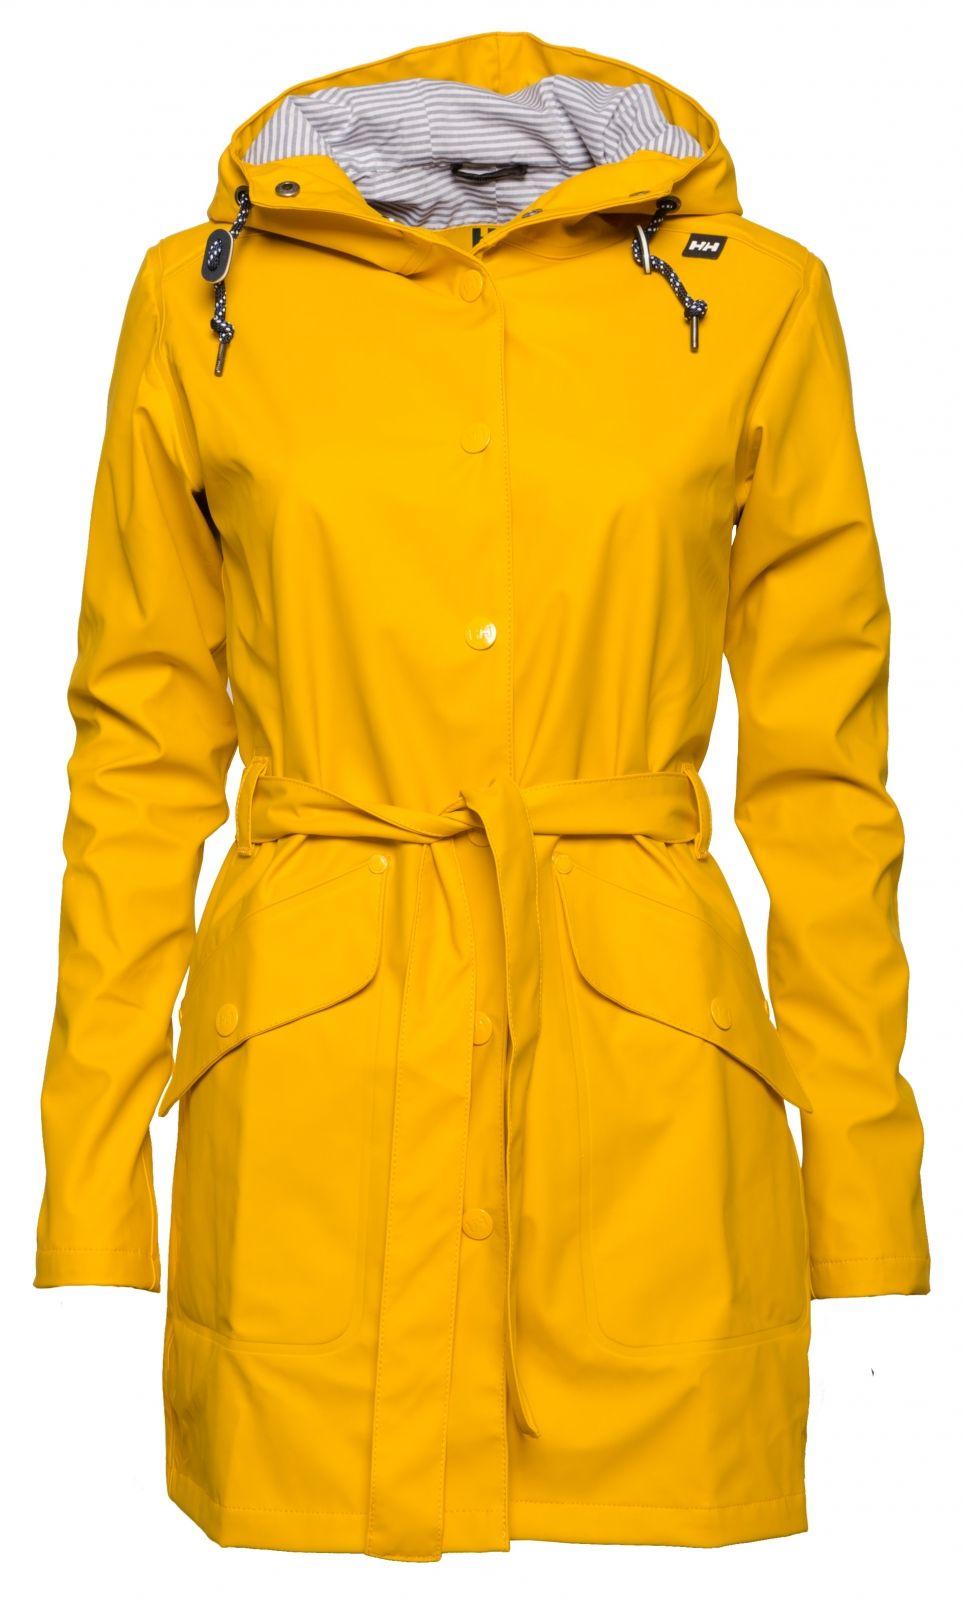 Only Damen Regenjacke Übergangsjacke Outdoor Jacke Regenmantel Jacke Color Mix